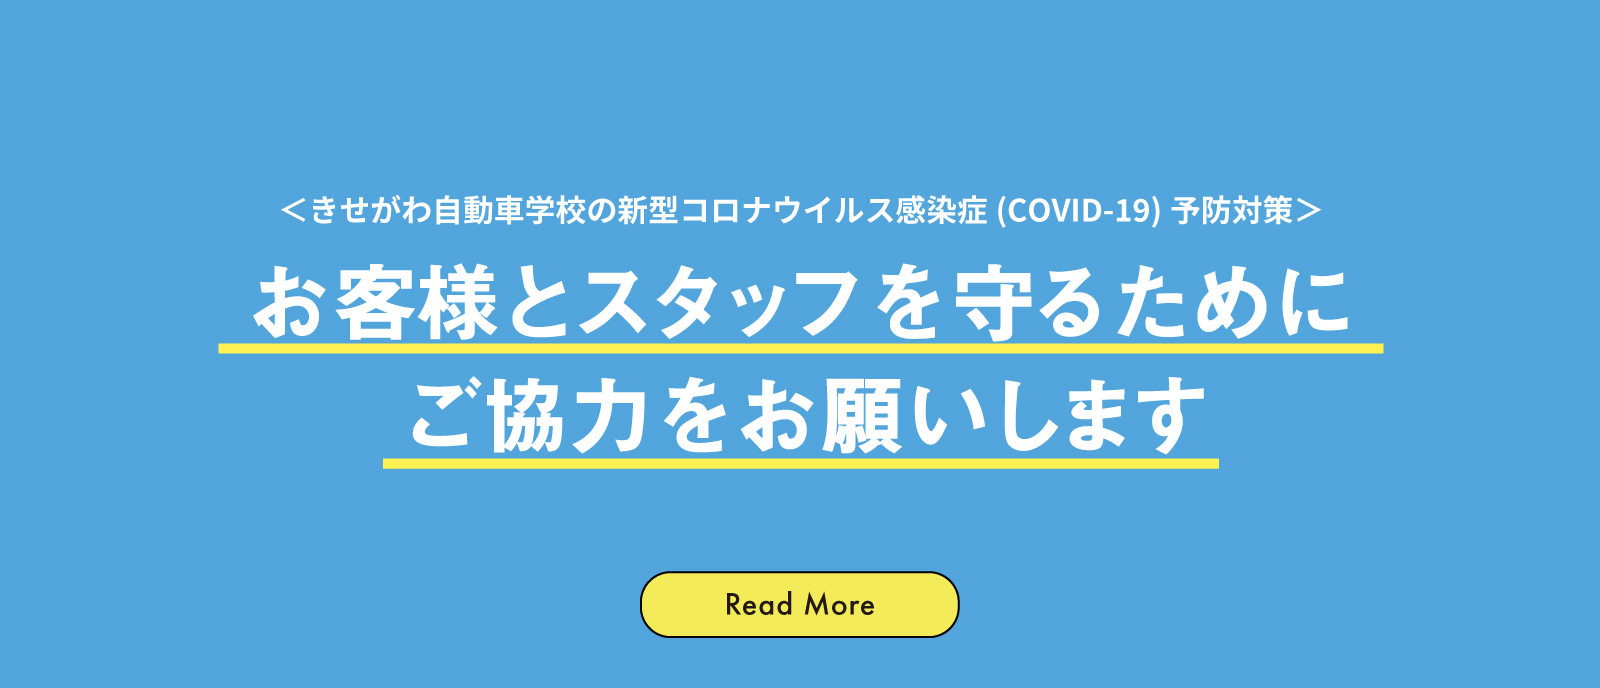 新型コロナウイルス感染症予防対策